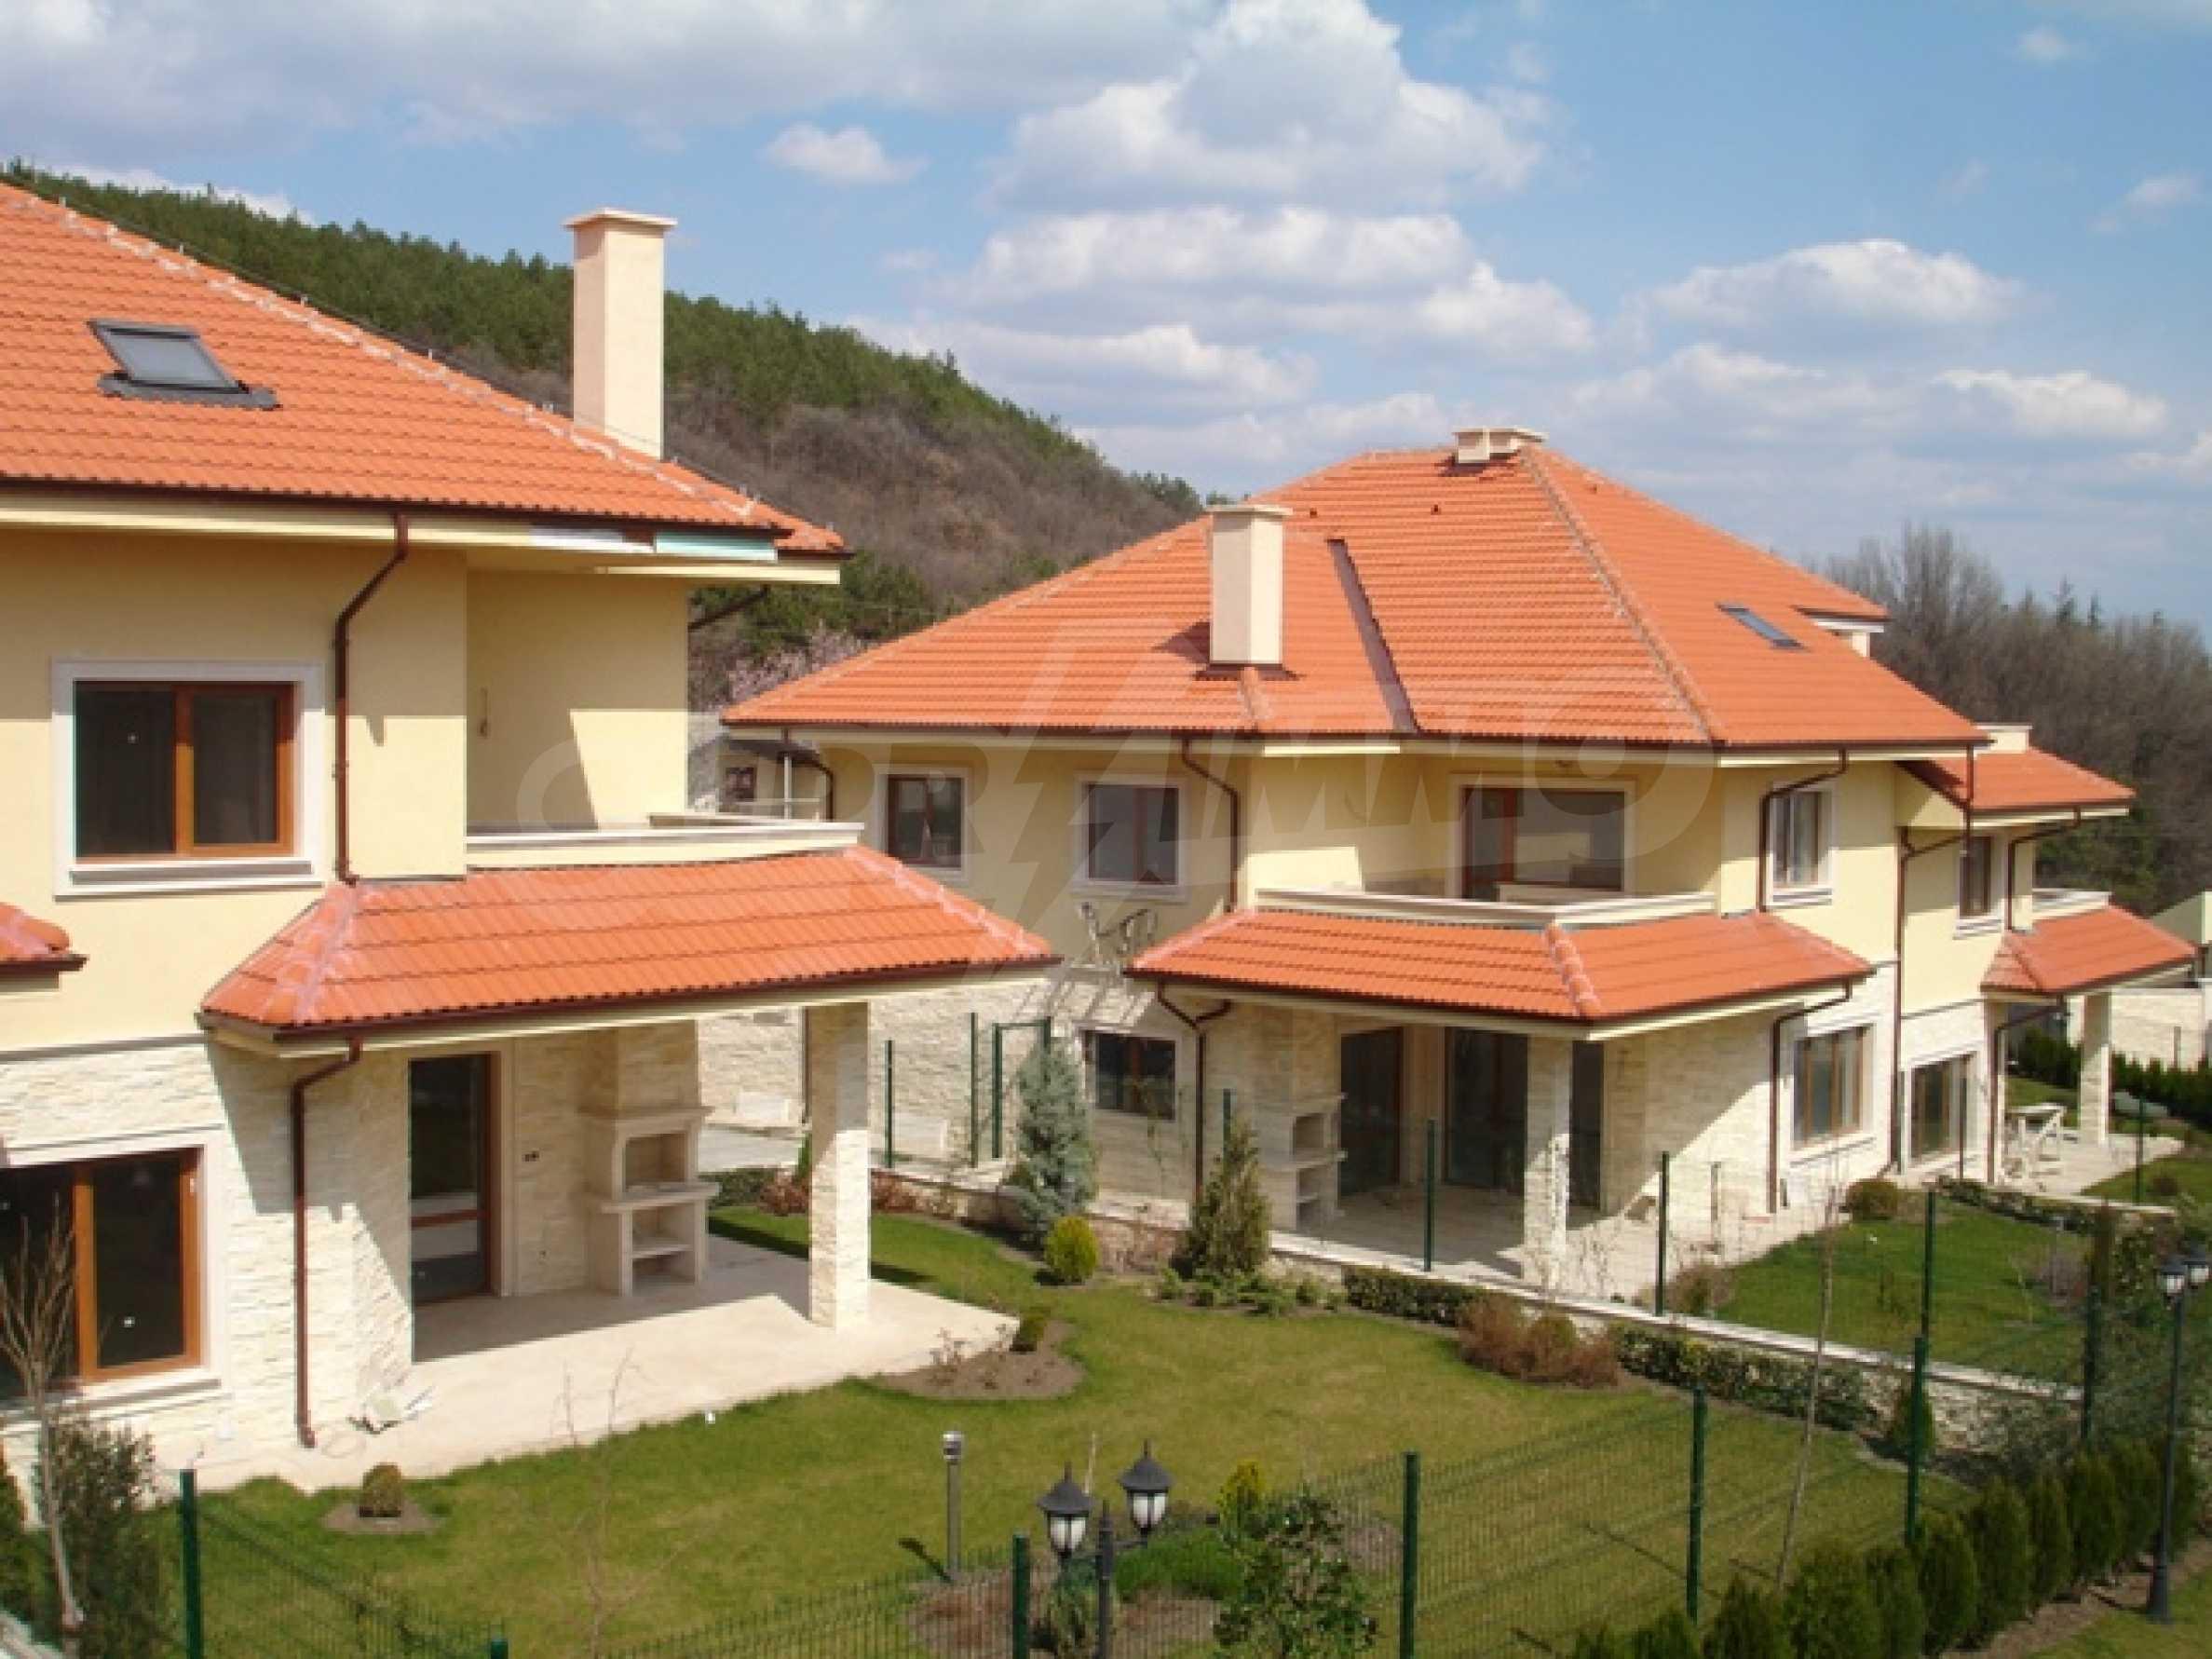 Еднофамилни двуетажни къщи в живописна зона между Варна и Златни пясъци 8